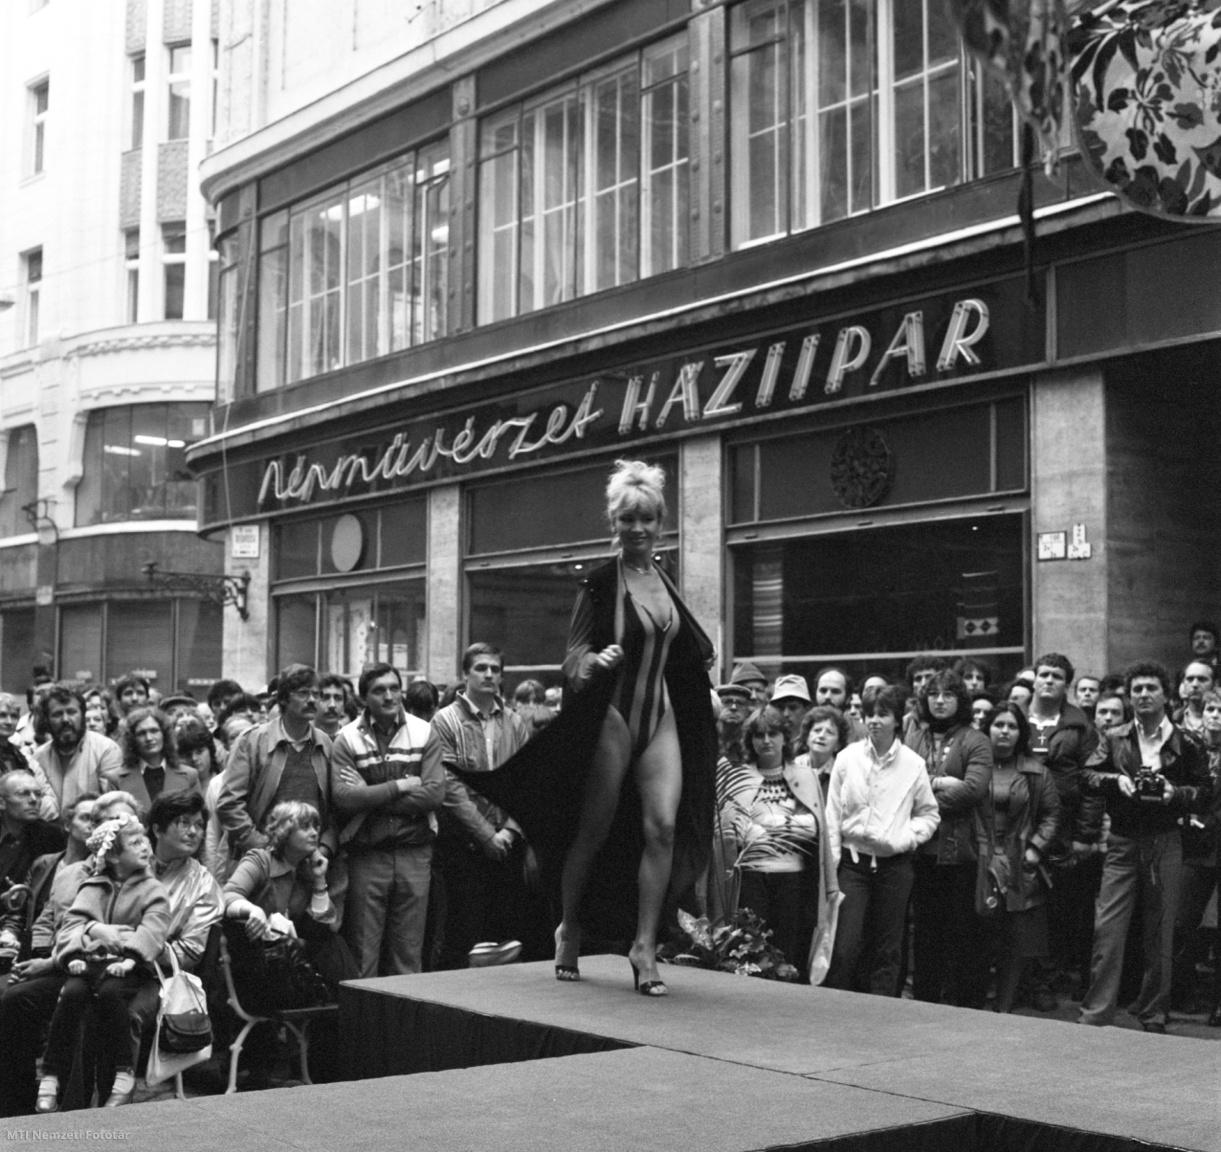 Bíró Ica az Aranypók-Konsumex Áruház és a Módi Kereskedelmi Vállalat utcai divatbemutatóján az Aranypók-Konsumex Áruház előtt a belvárosban. A divatbemutatón a nyár fürdőruha és szabadidőruha újdonságait ismerhette meg a közönség 1984. május 14-én.